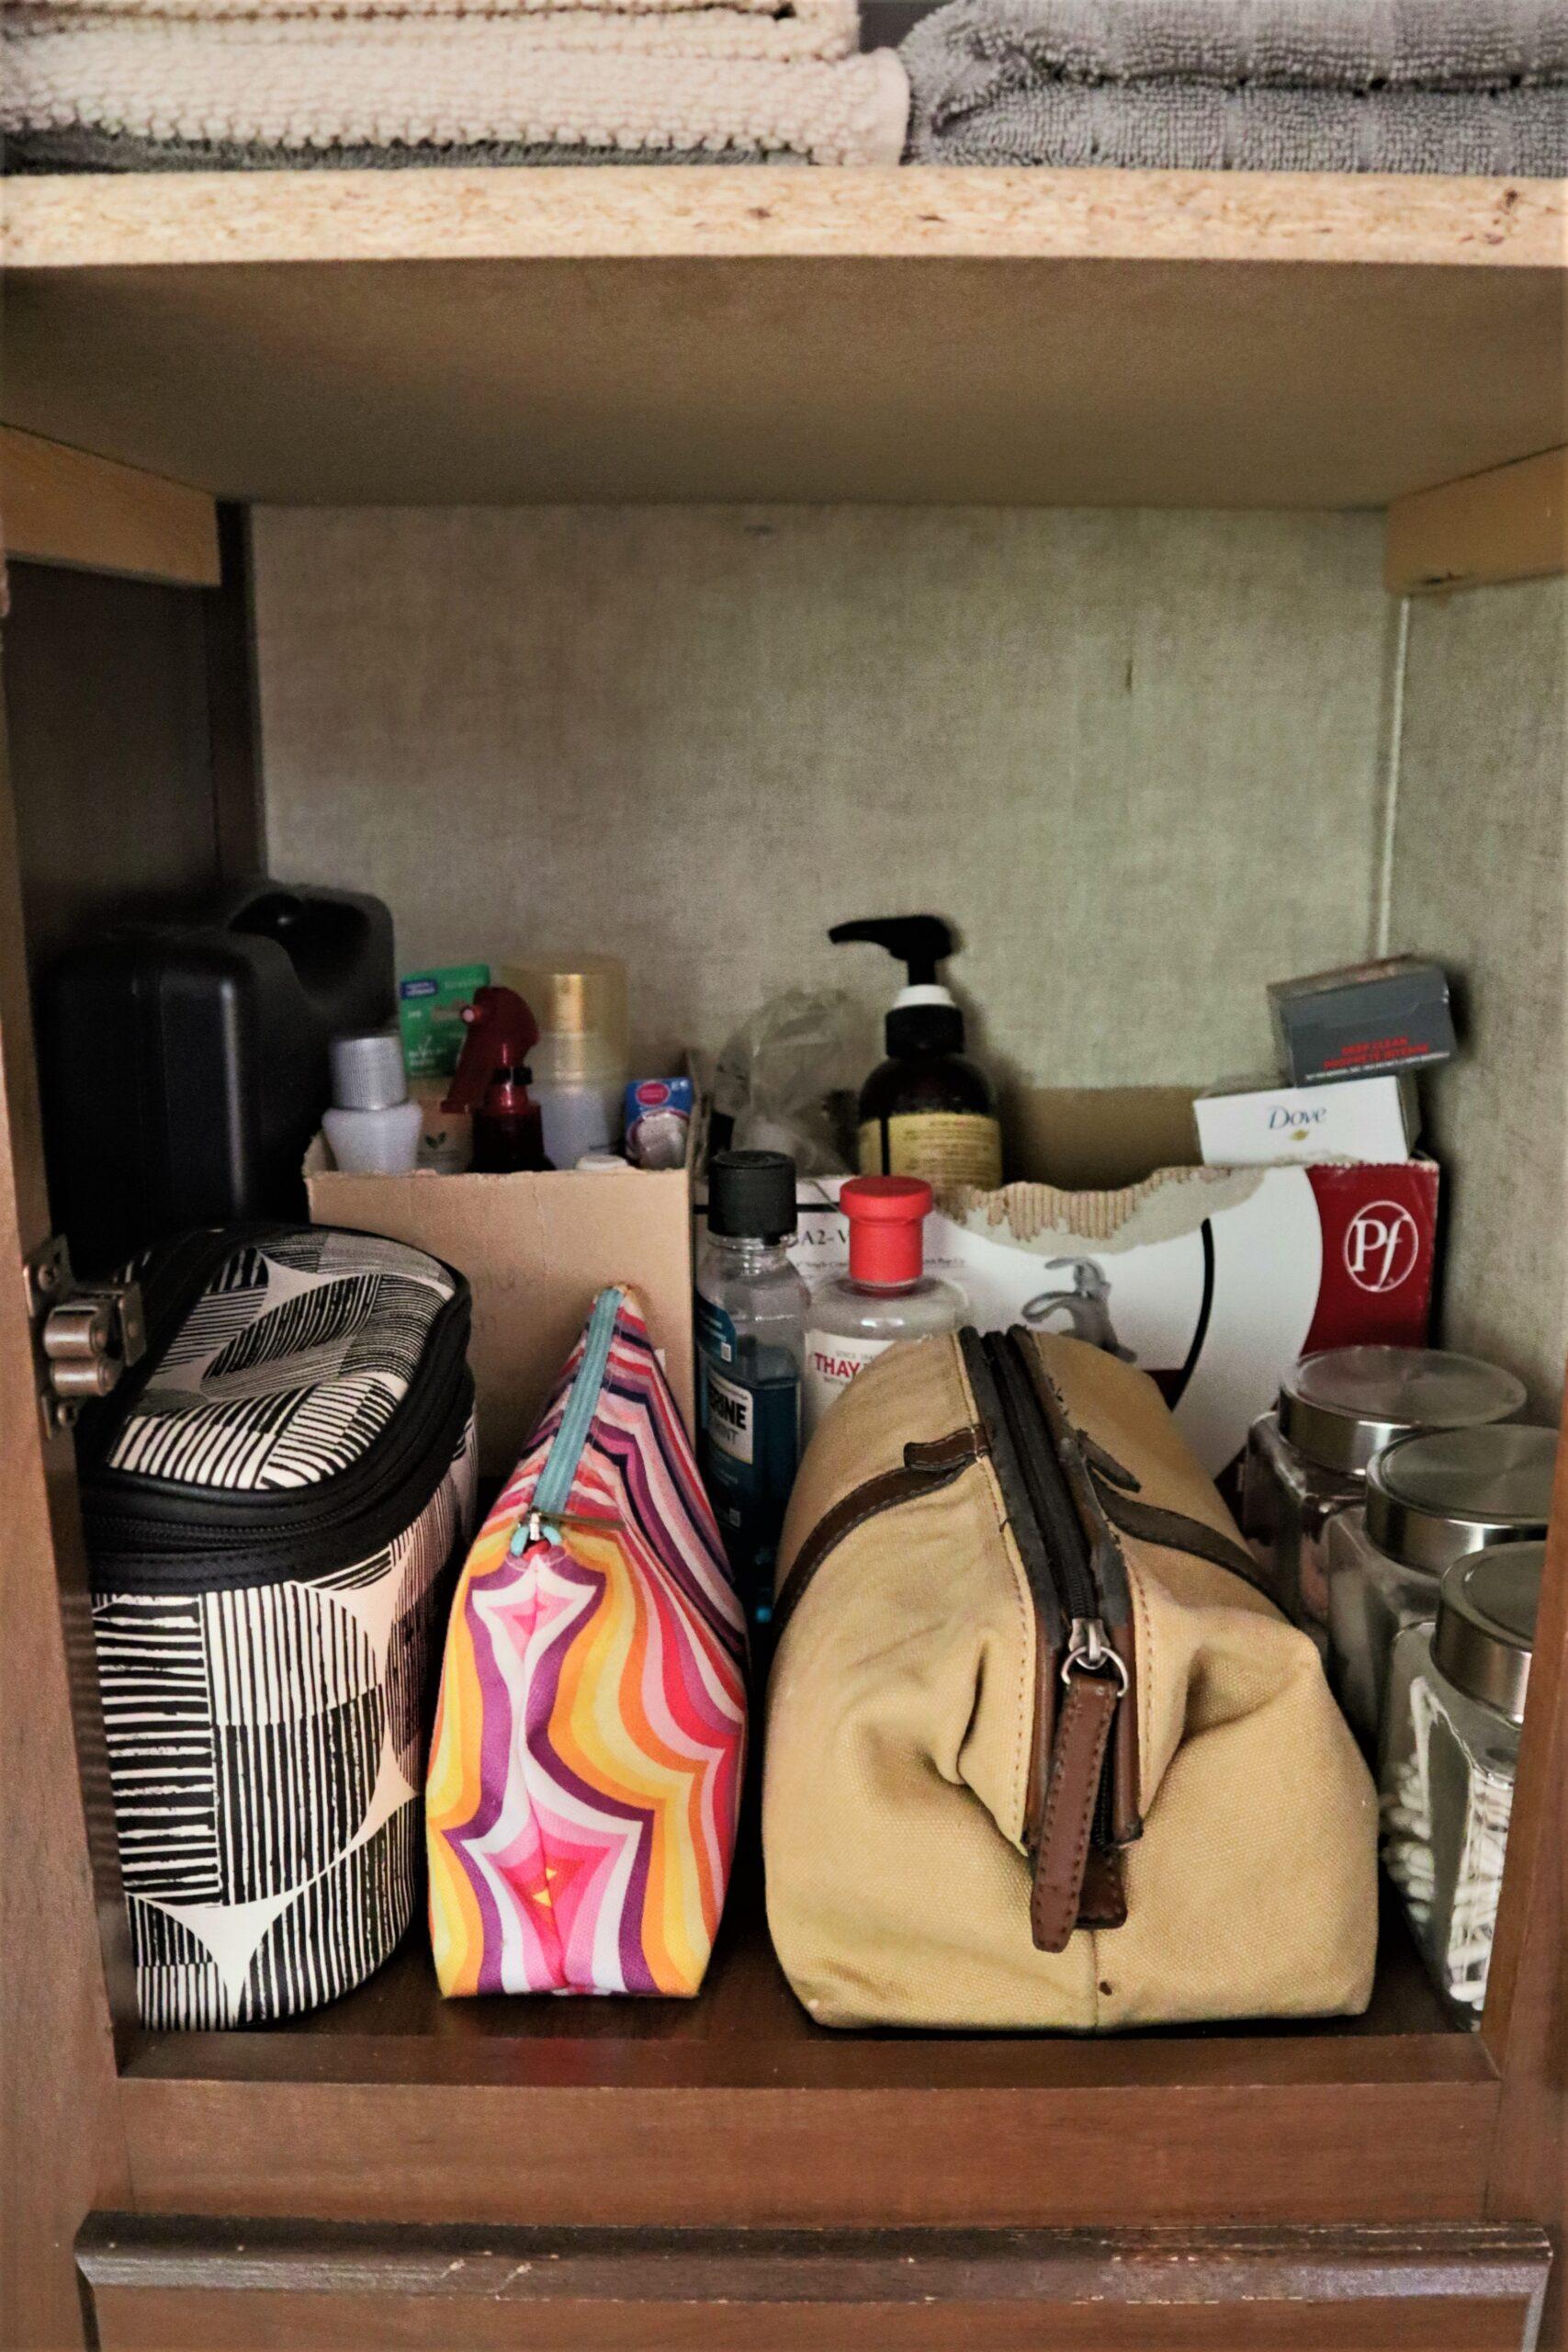 RV organization - linen closet storage